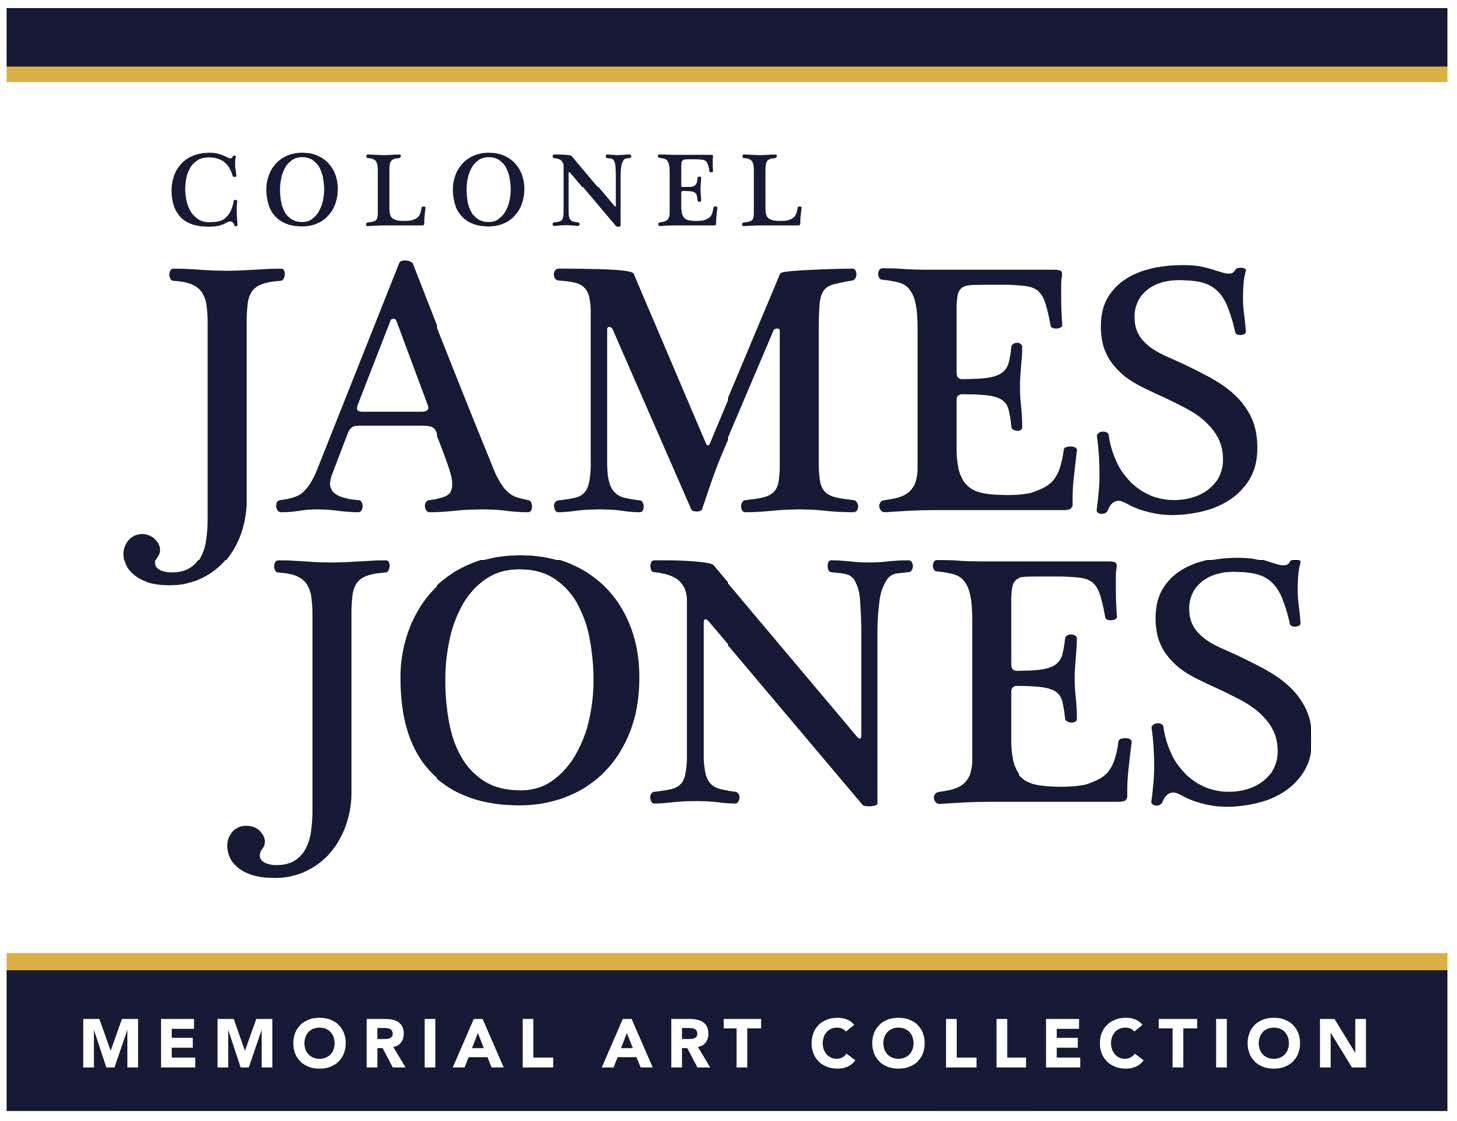 Colonel James Jones Memorial Art Collection